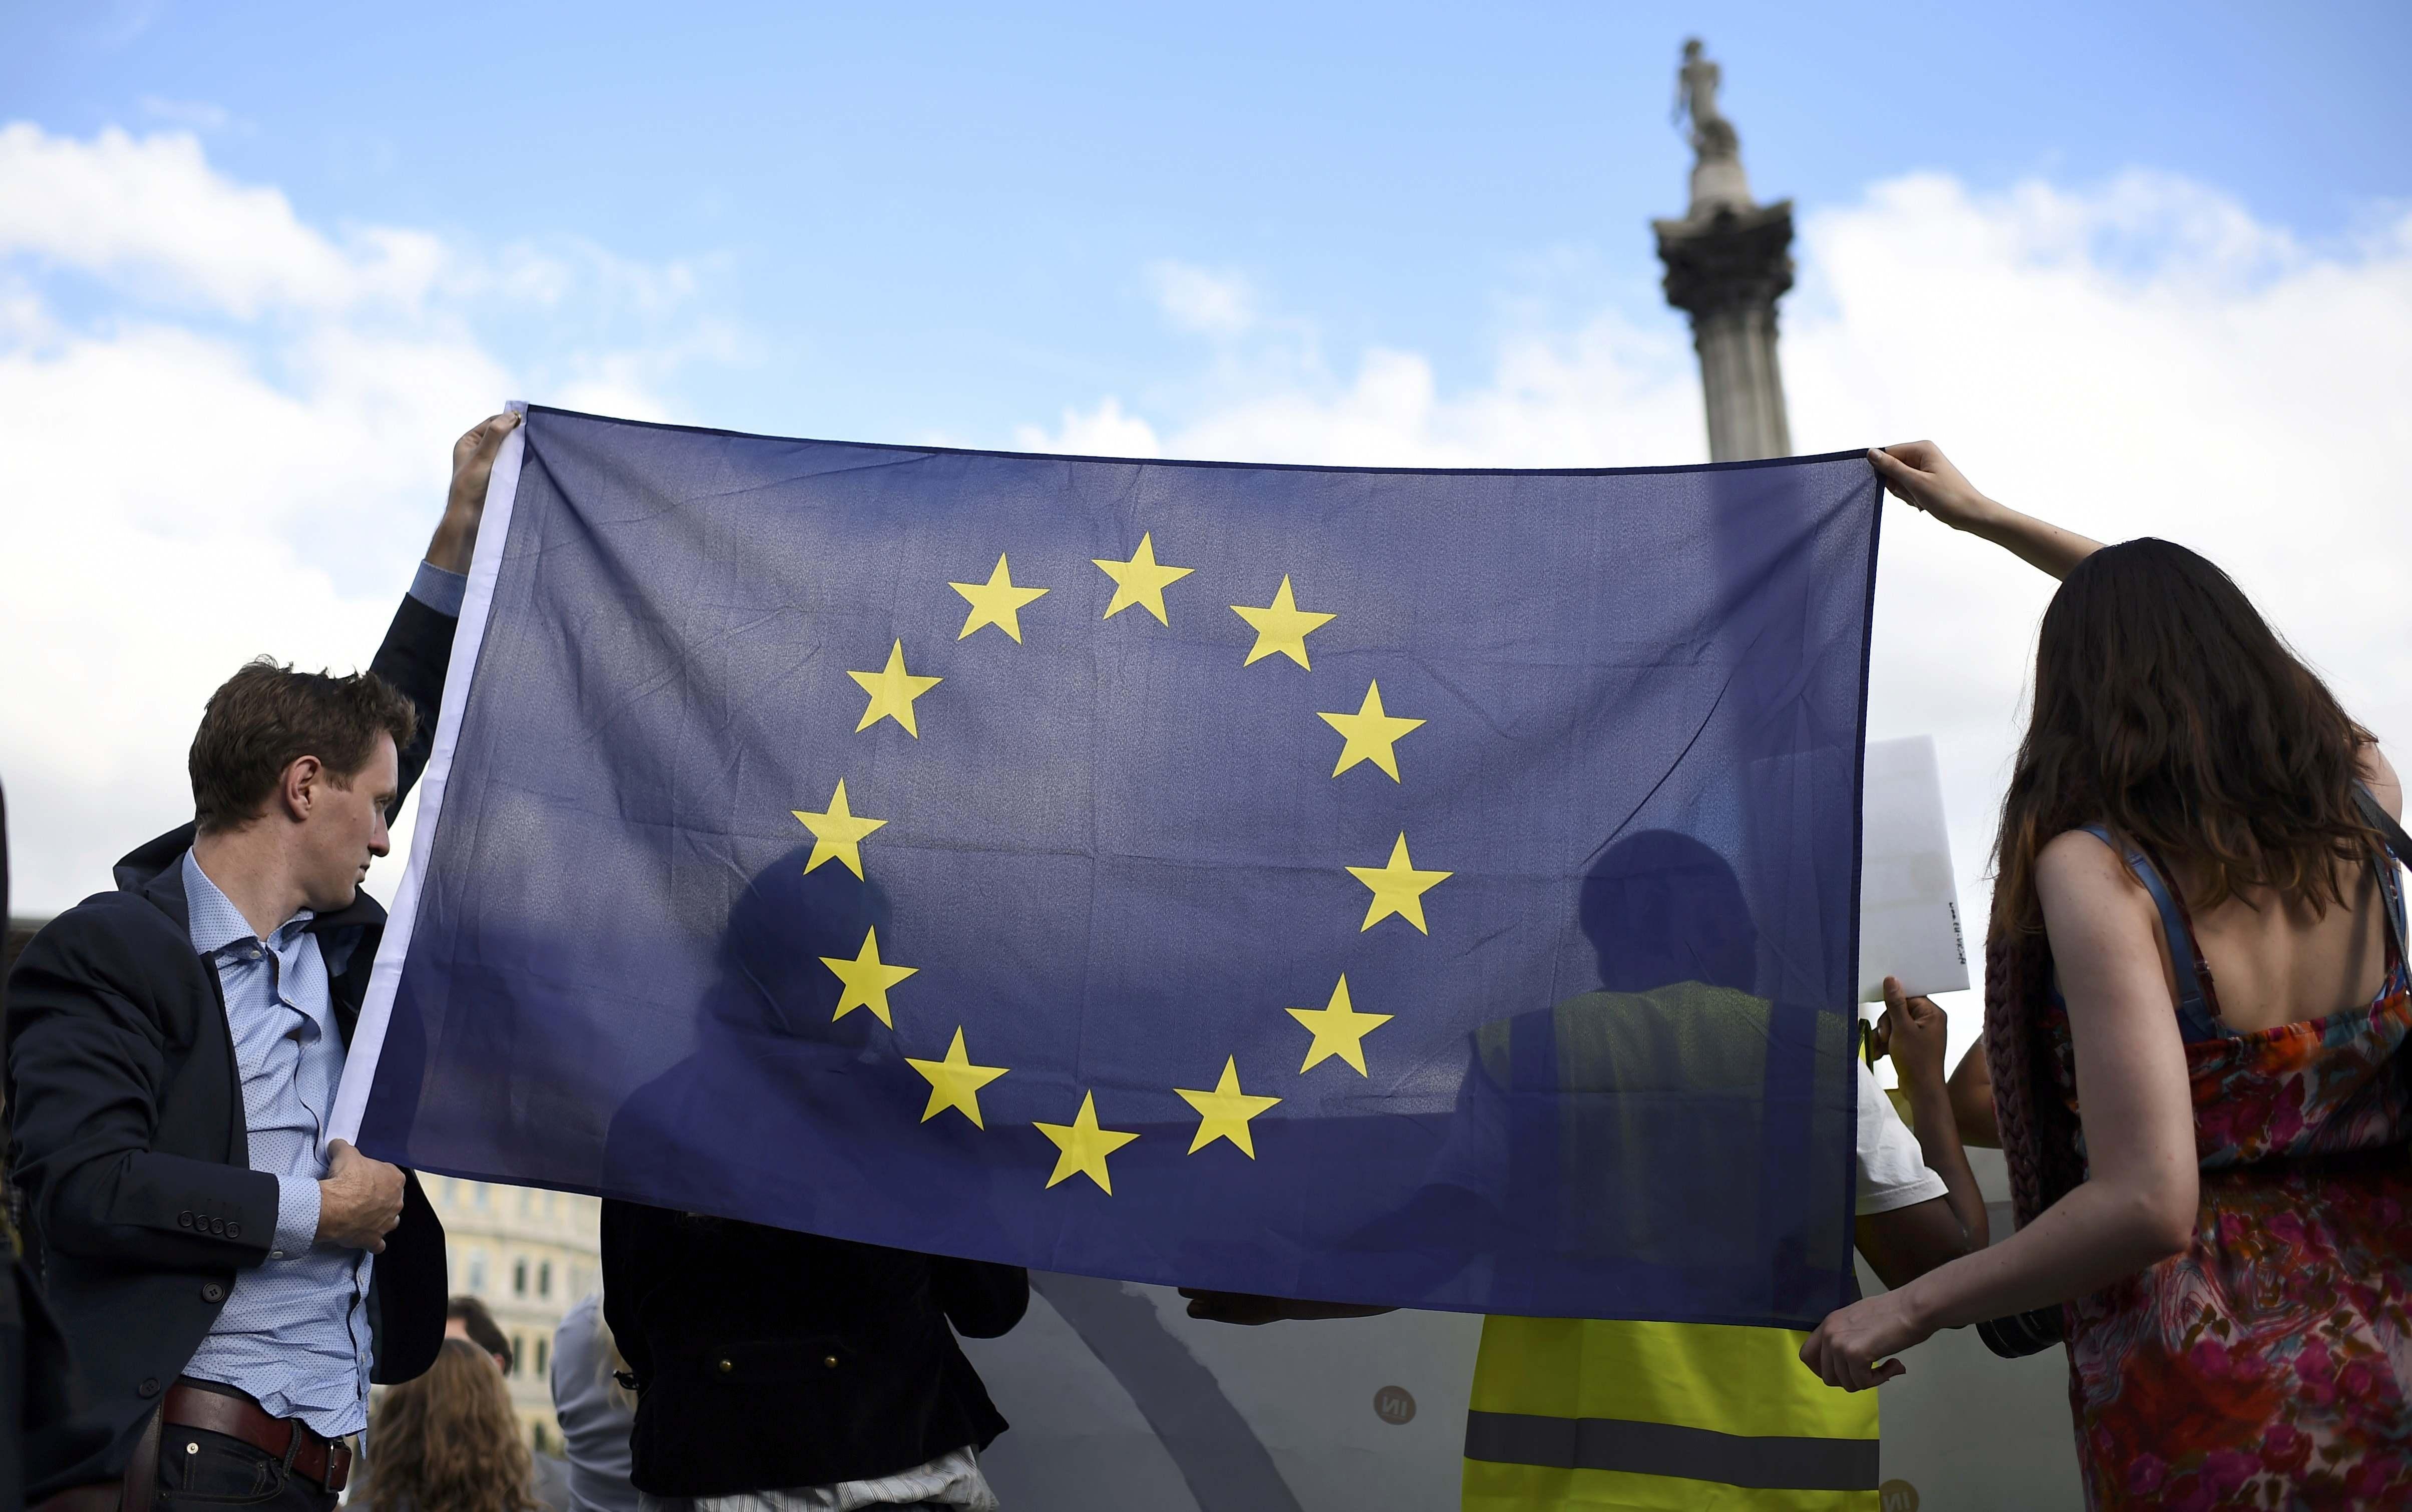 """Người biểu tình mang cờ EU trong cuộc tuần hành mang tên """"Nói có với châu Âu"""" tại quảng trường Trafalgar để ủng hộ việc Anh ở lại EU (Ảnh: Reuters)"""